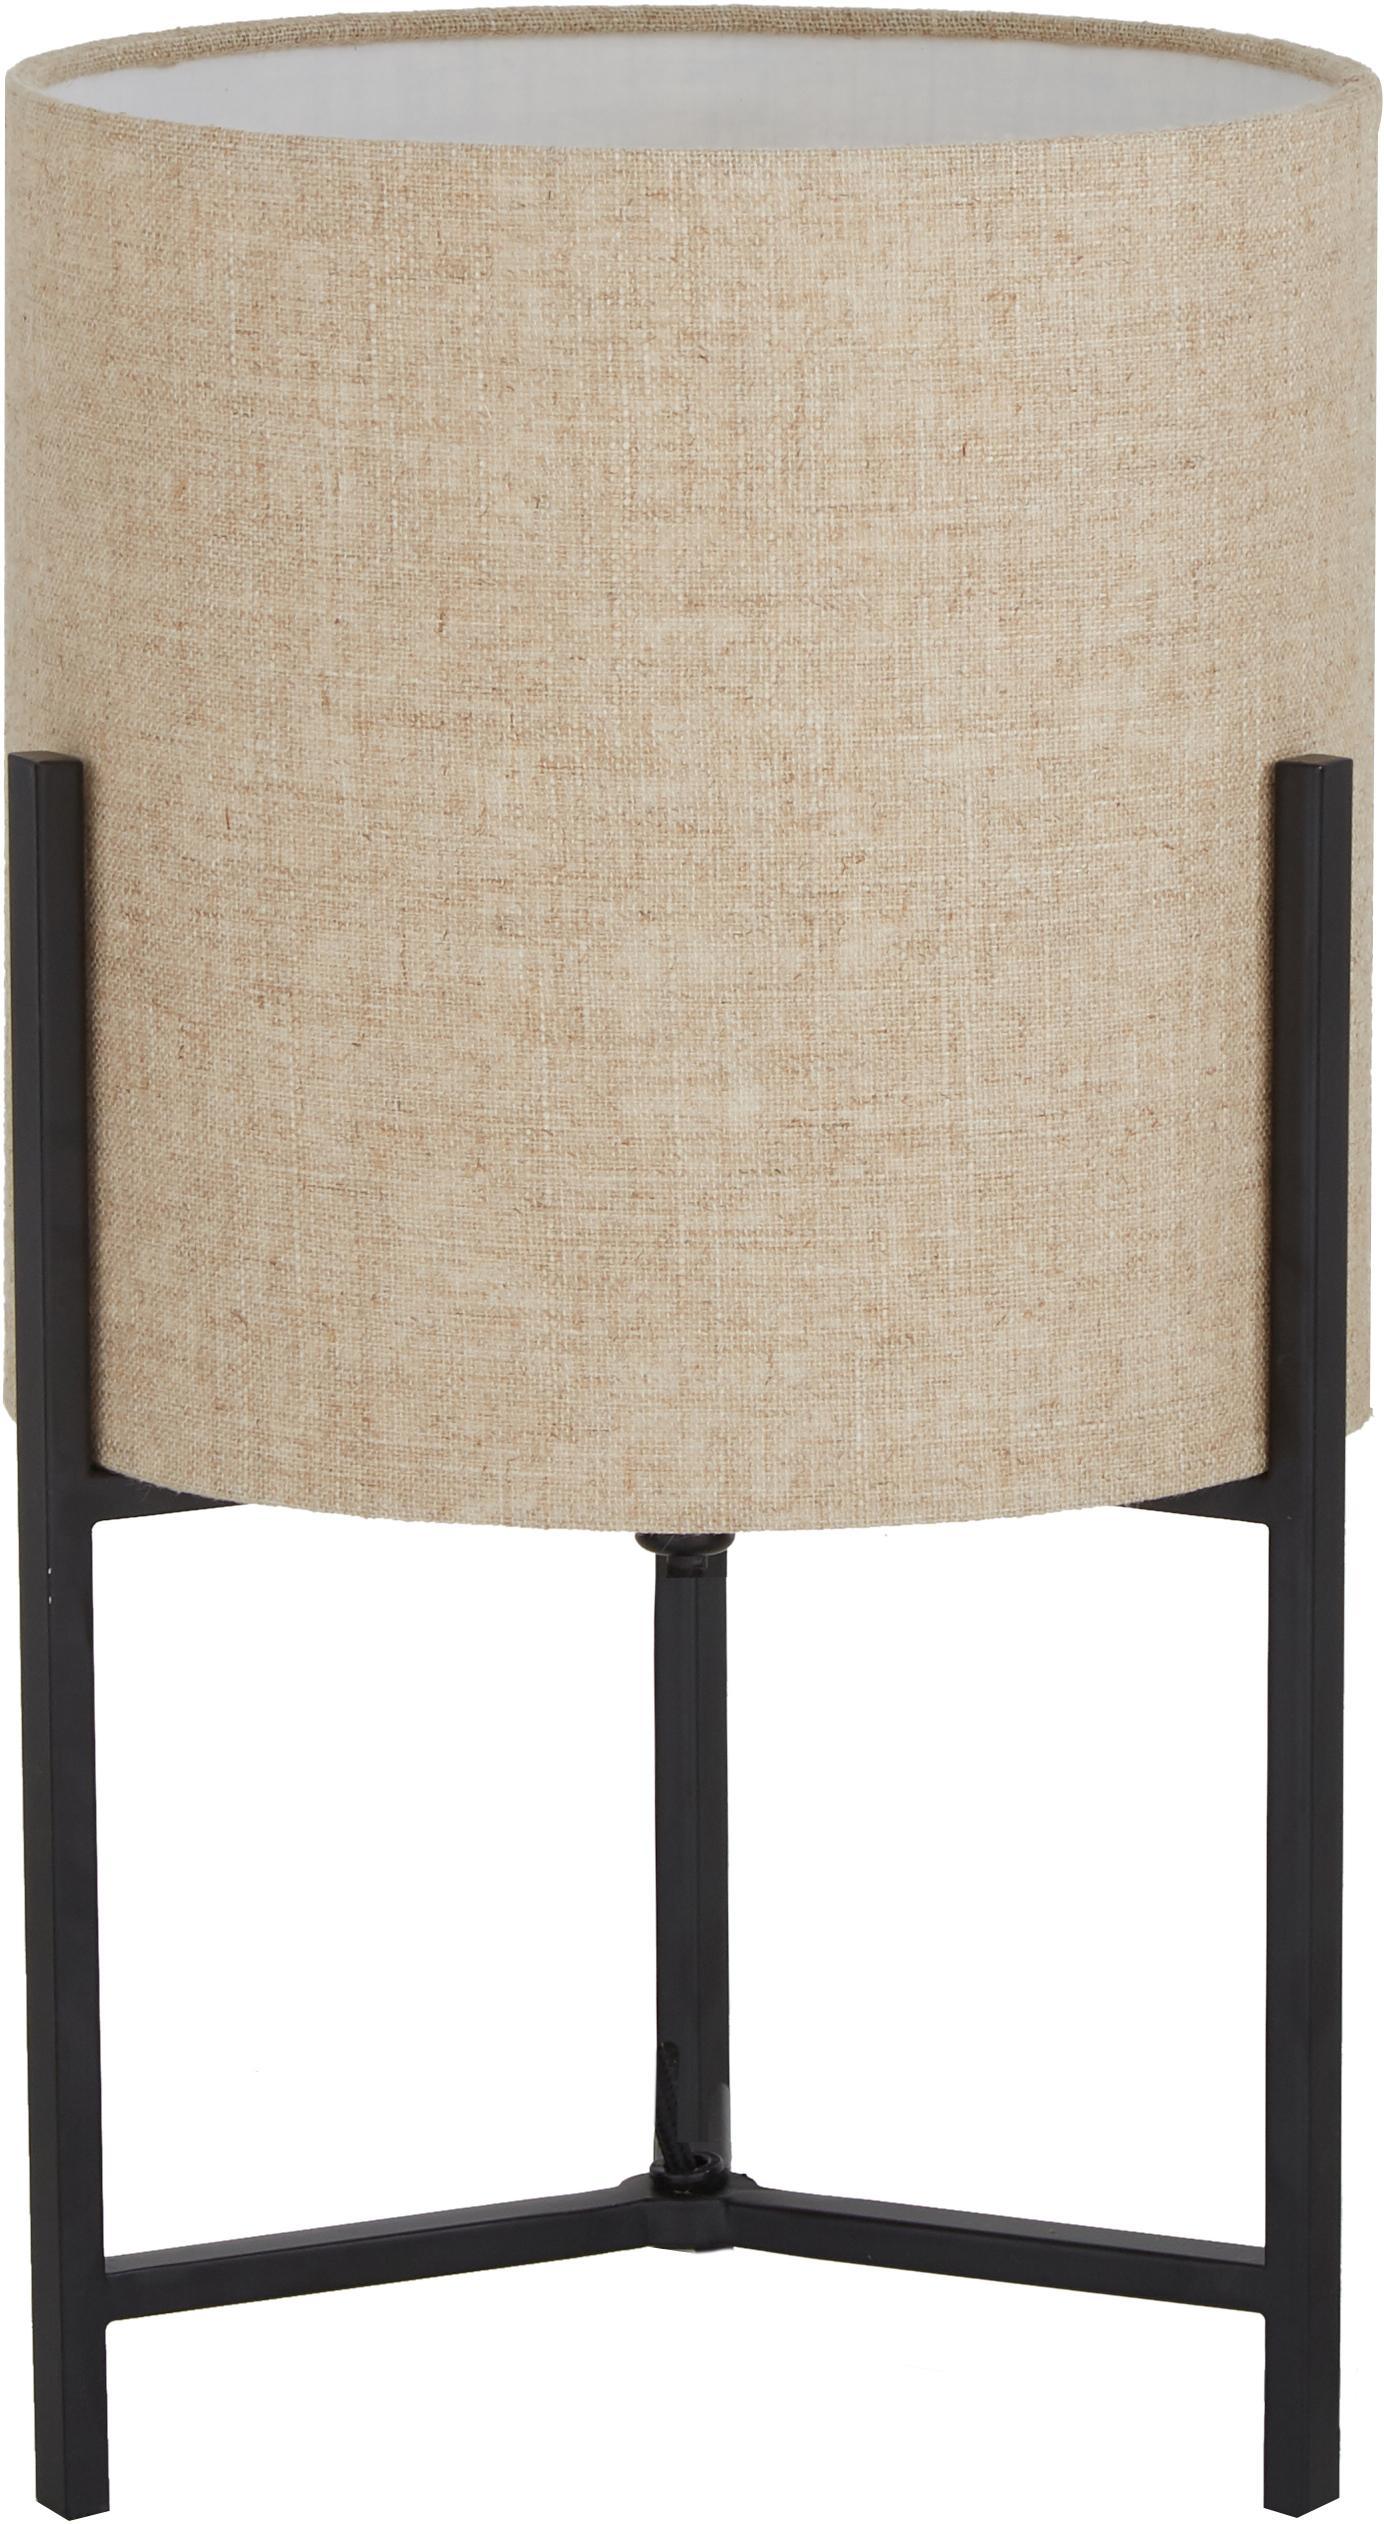 Tafellamp Piper, Lampenkap: 85% linnen, 15% Teryleen, Beige, Ø 22 x H 38 cm